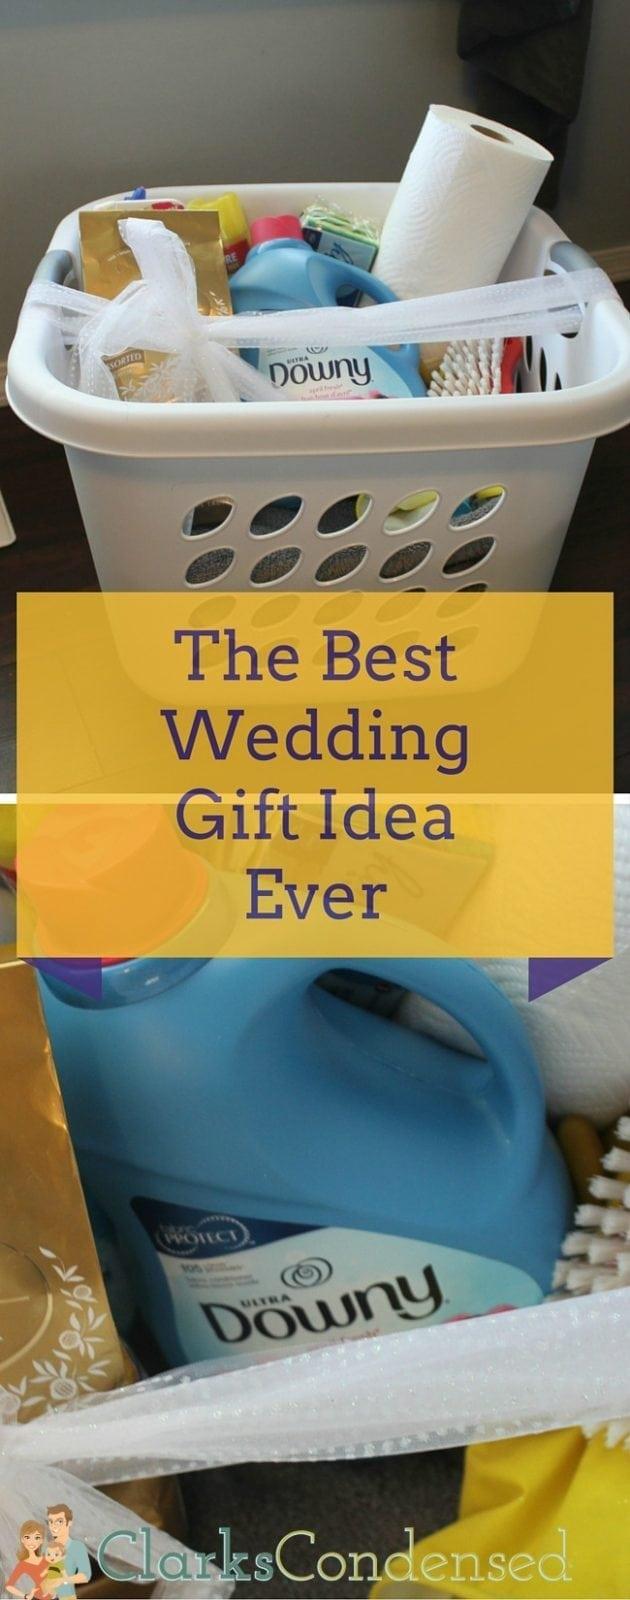 The Best Wedding Gift IdeaEver